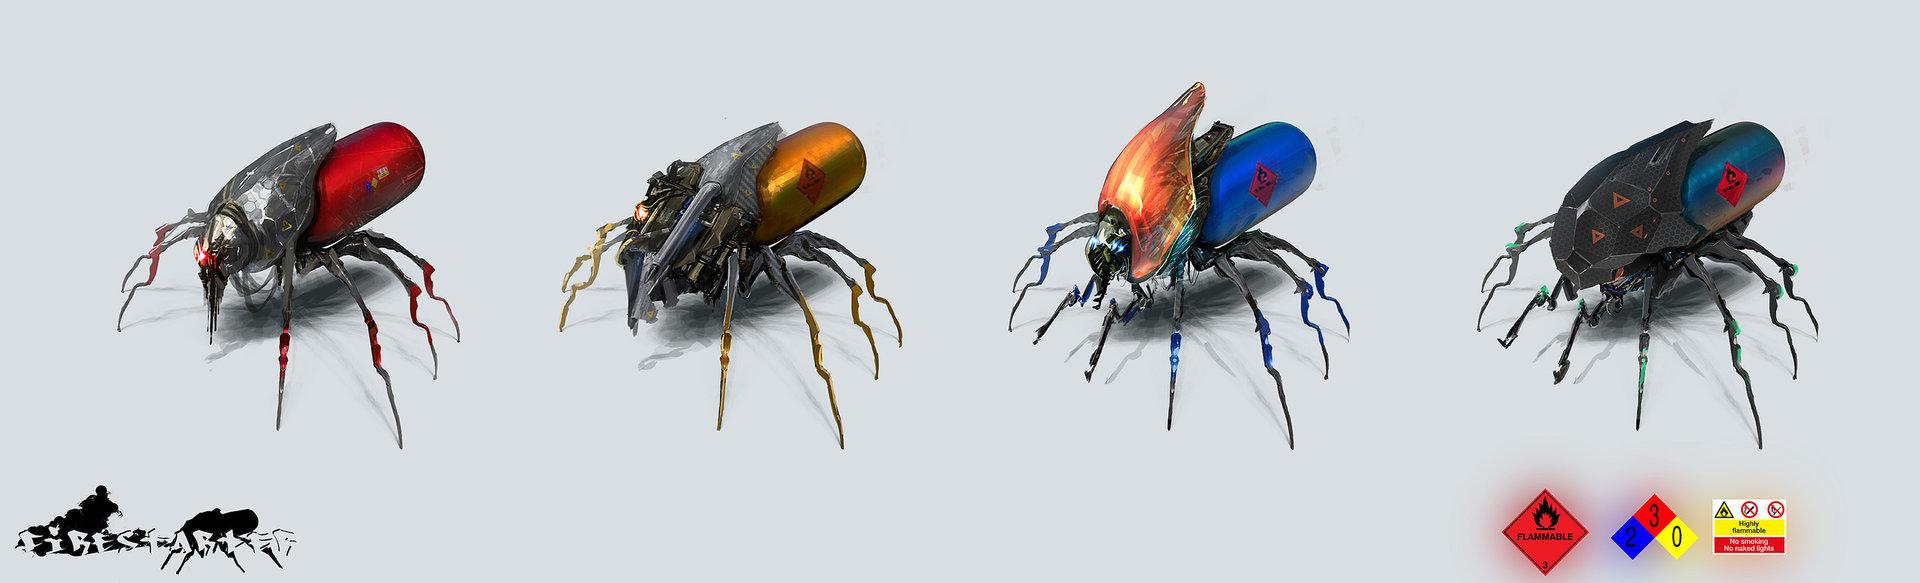 Vnmribaya geronimo ribaya firebug04s